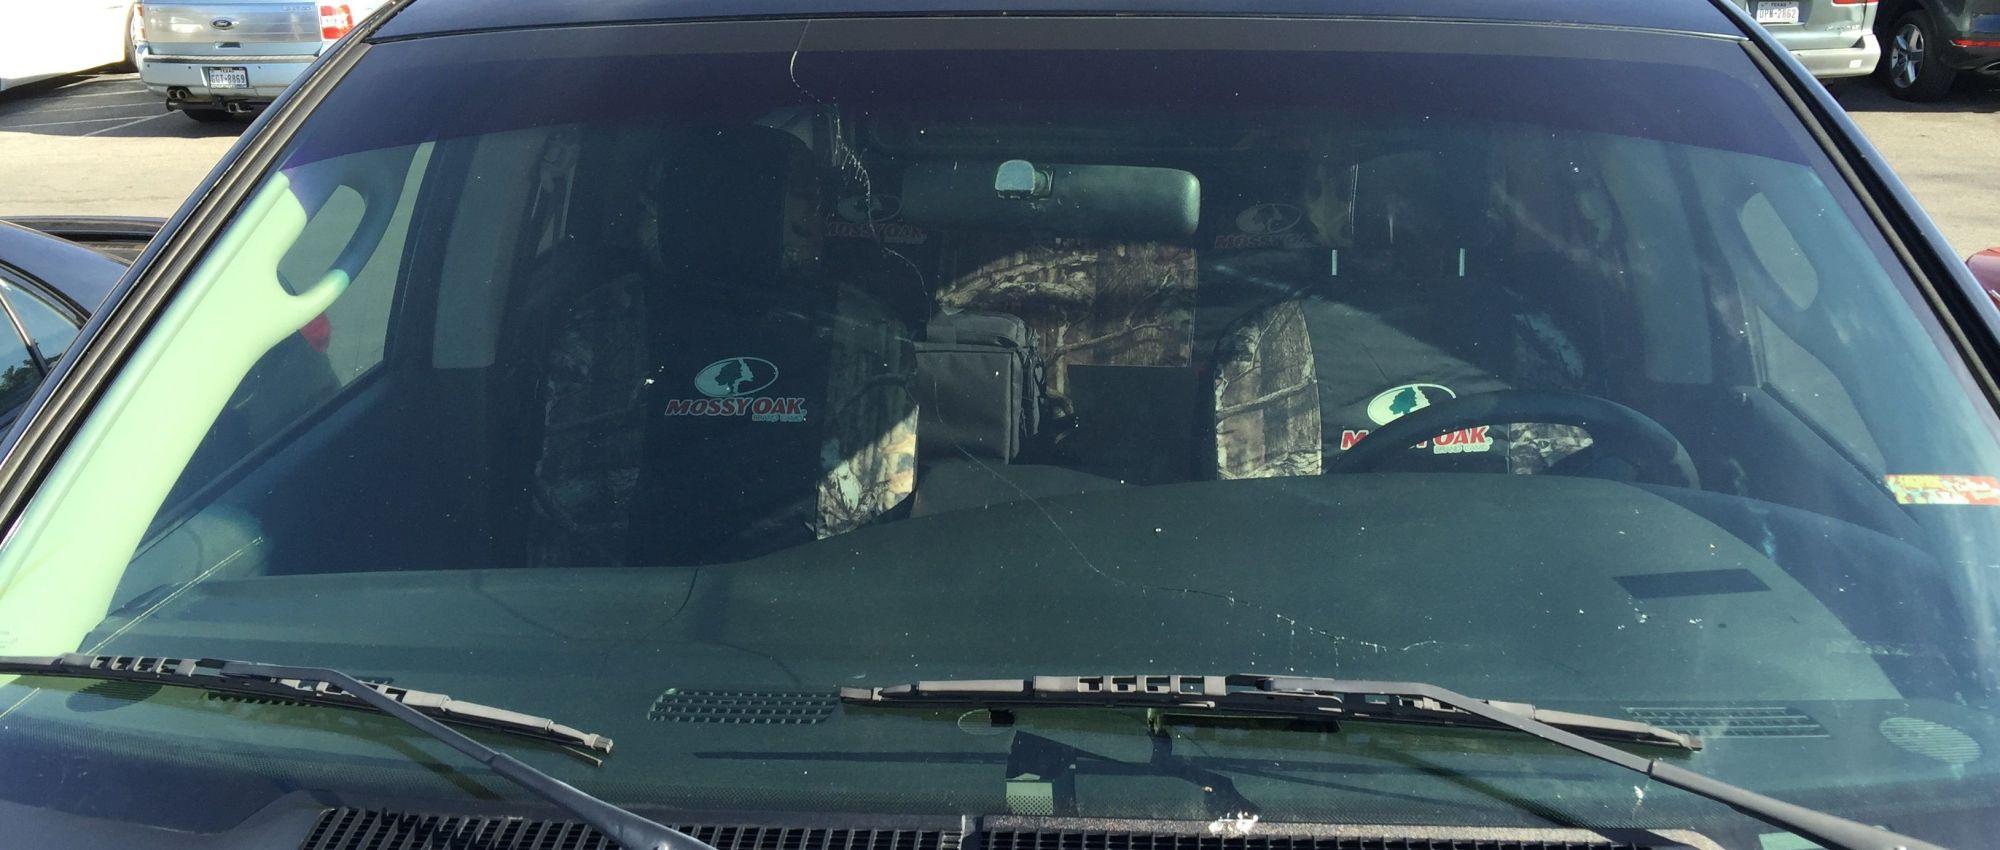 hight resolution of  2003 dodge 1500 pickup 4 door crew cab windshield